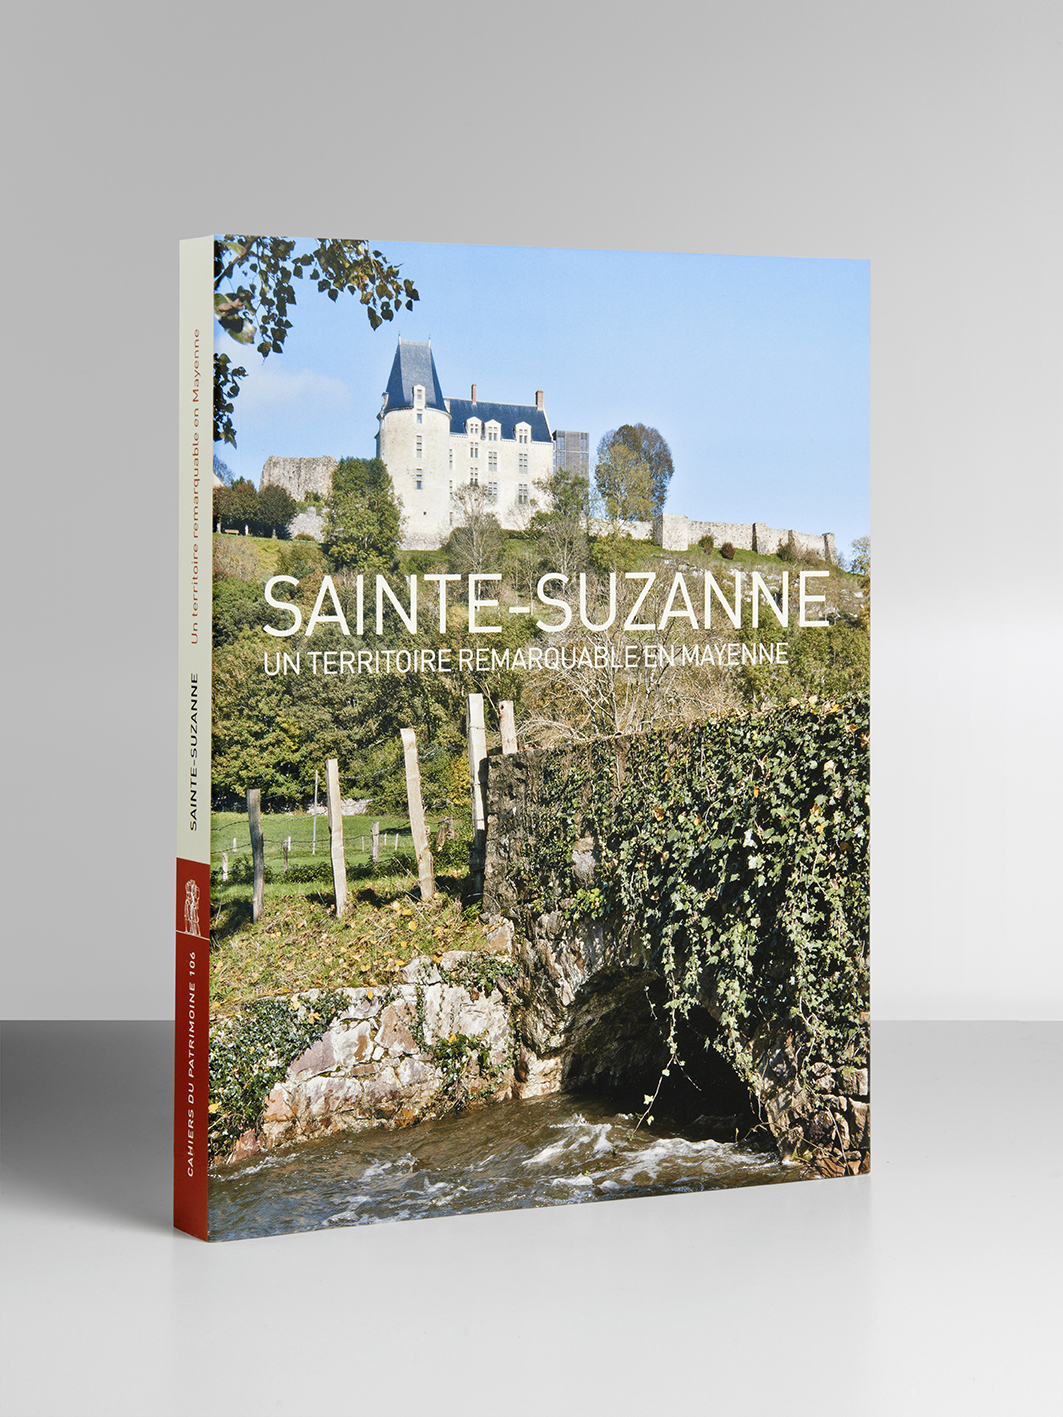 Cahiers du patrimoine_106_Sainte-Suzanne